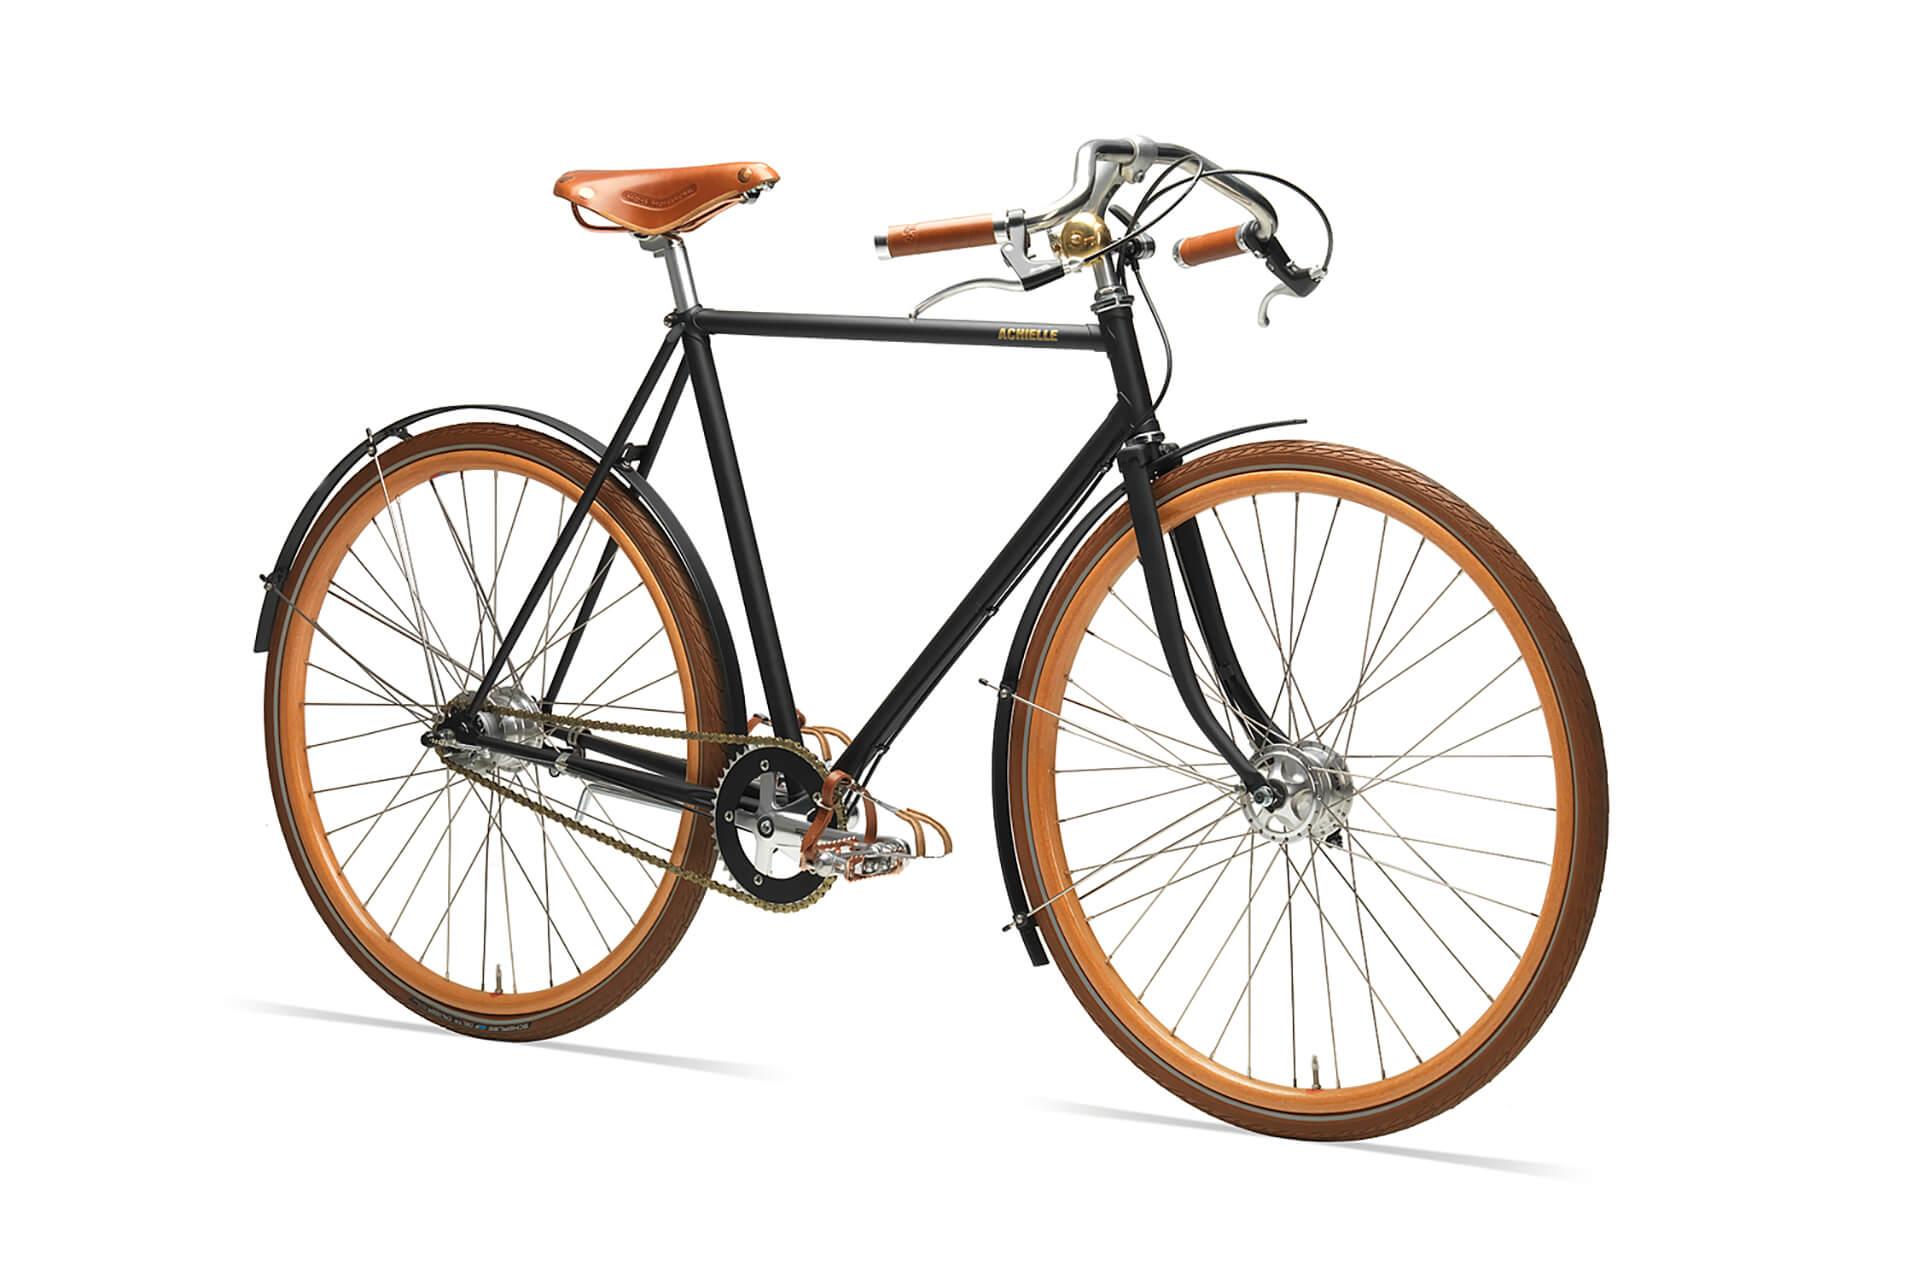 Achielle-Sam-zwart-limited-edition-Fietsen-Jurgen-.jpg